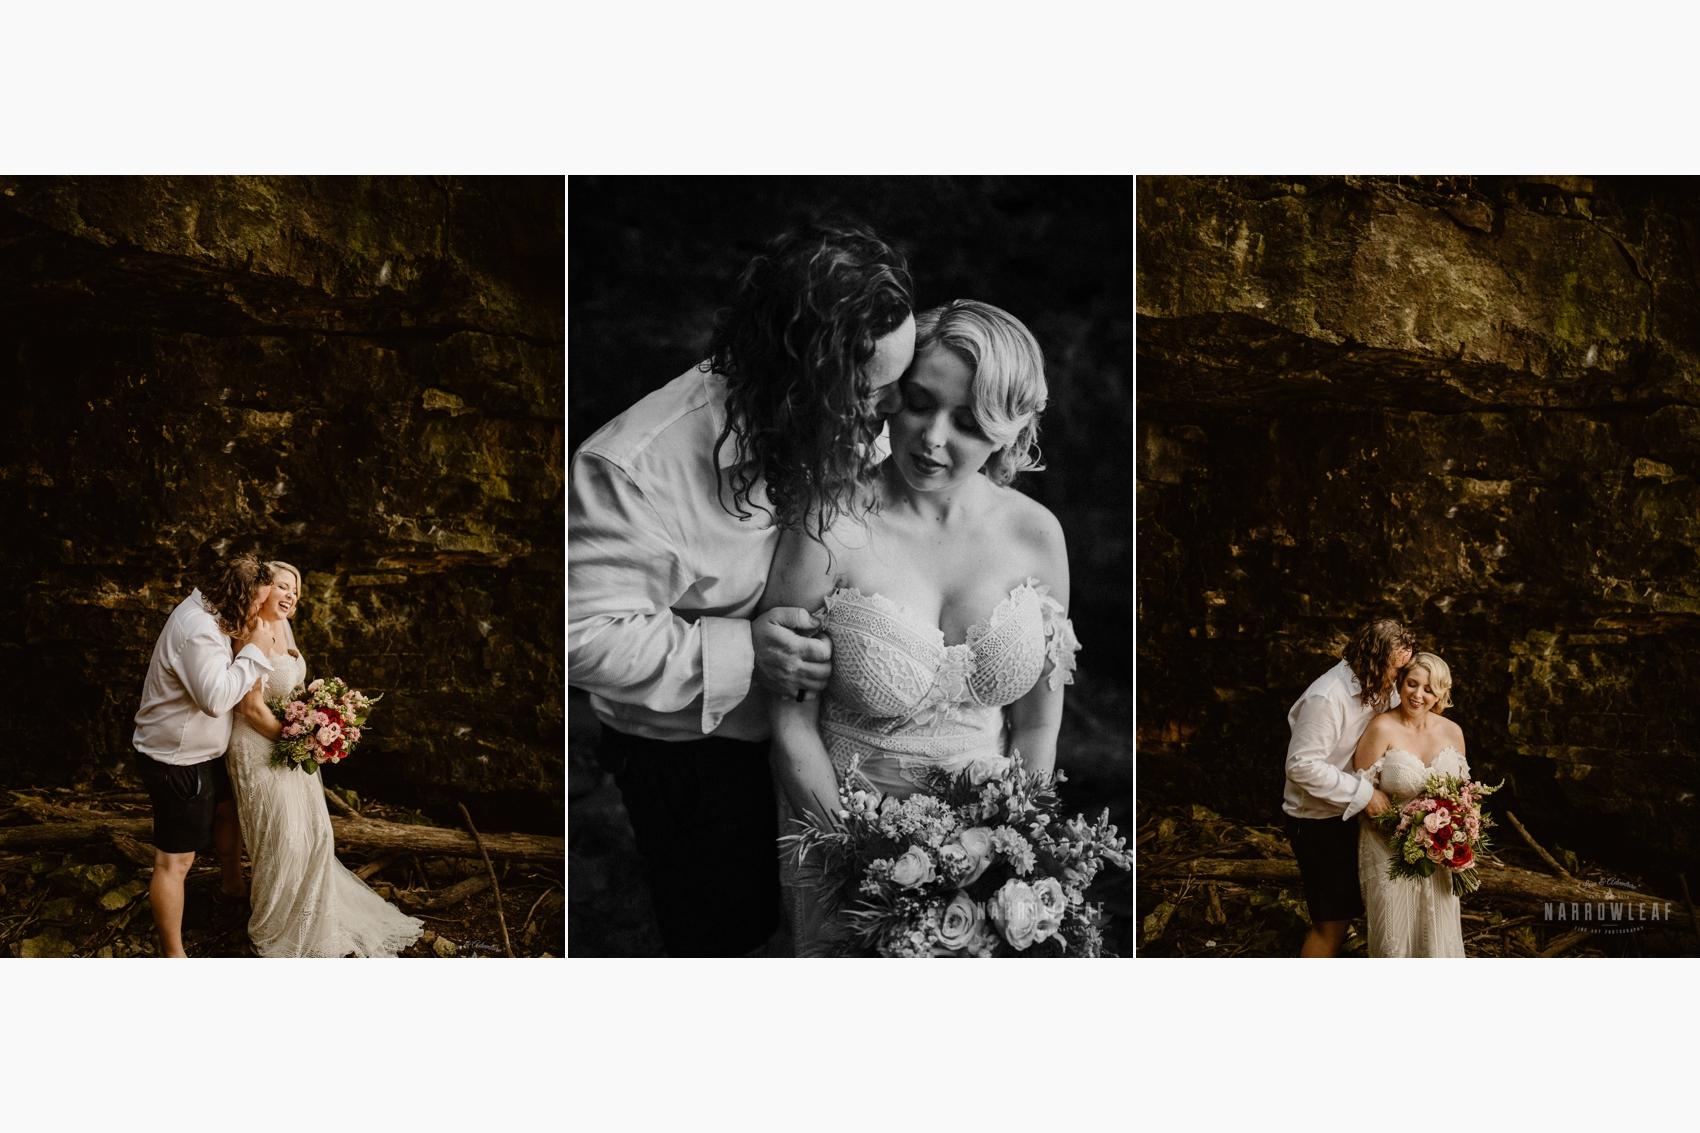 intimate-wisconsin-outdoor-wedding-photographer-021-022.jpg